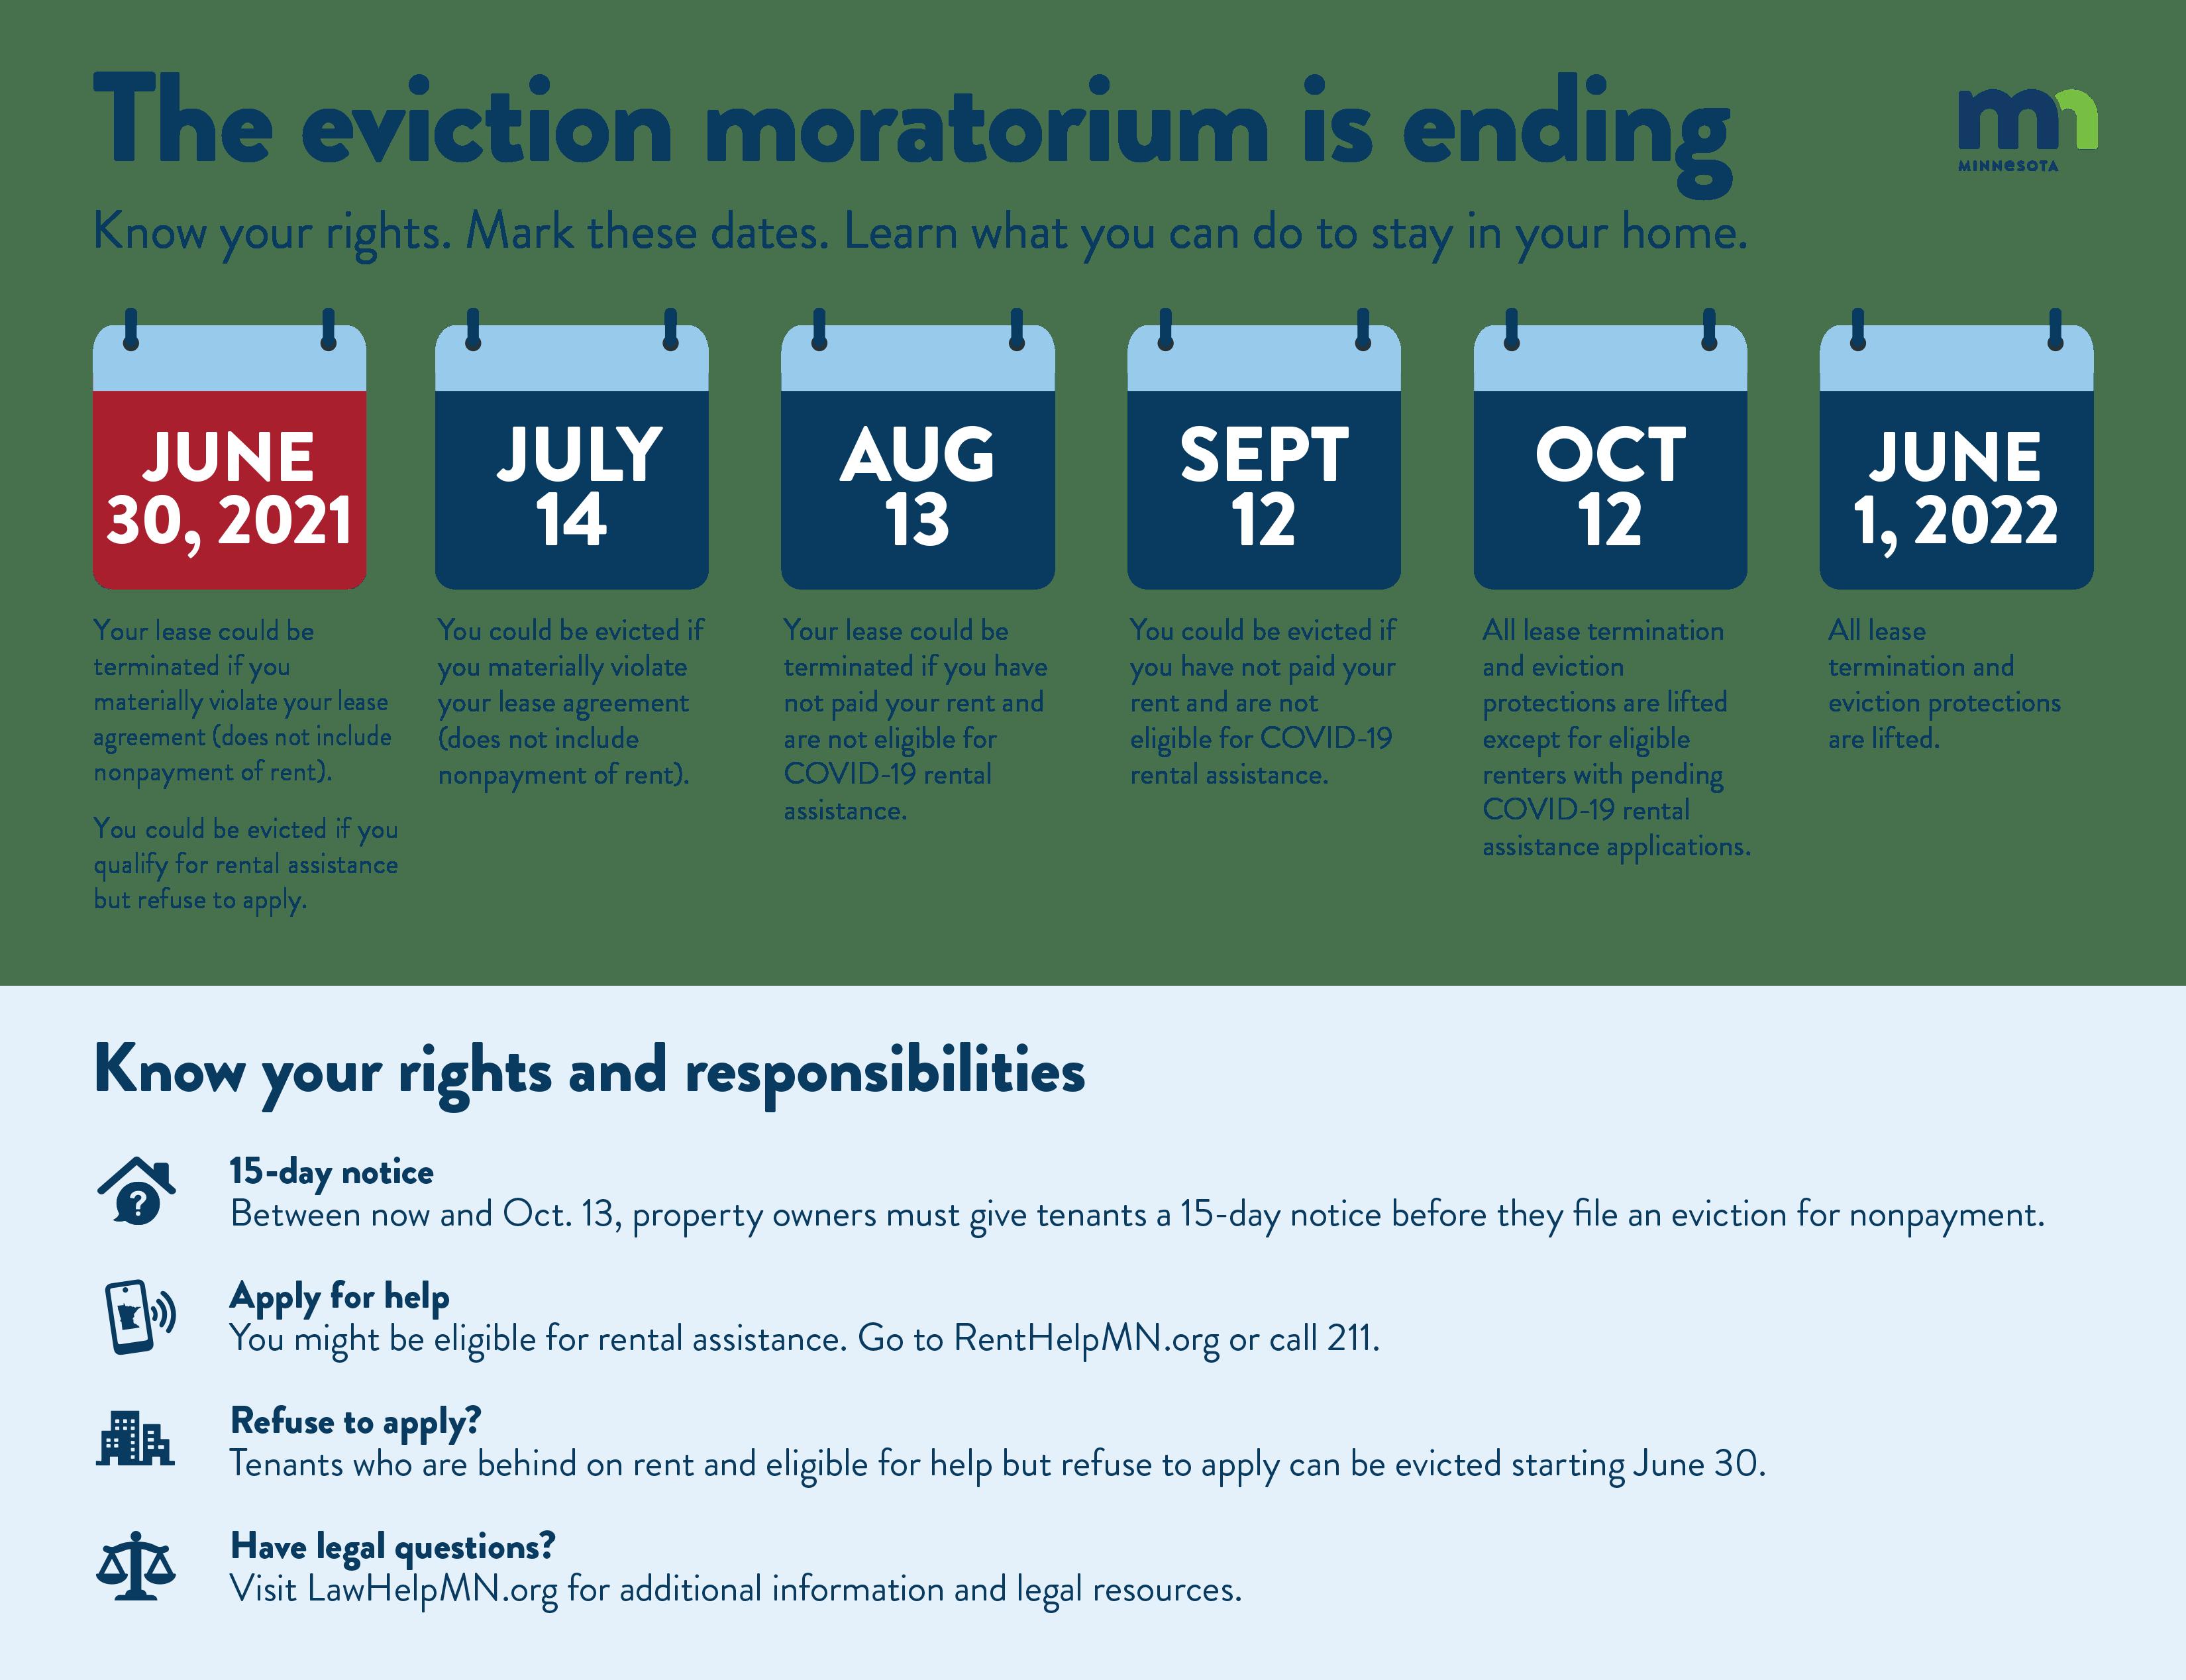 A timeline showing steps in ending a rental program.